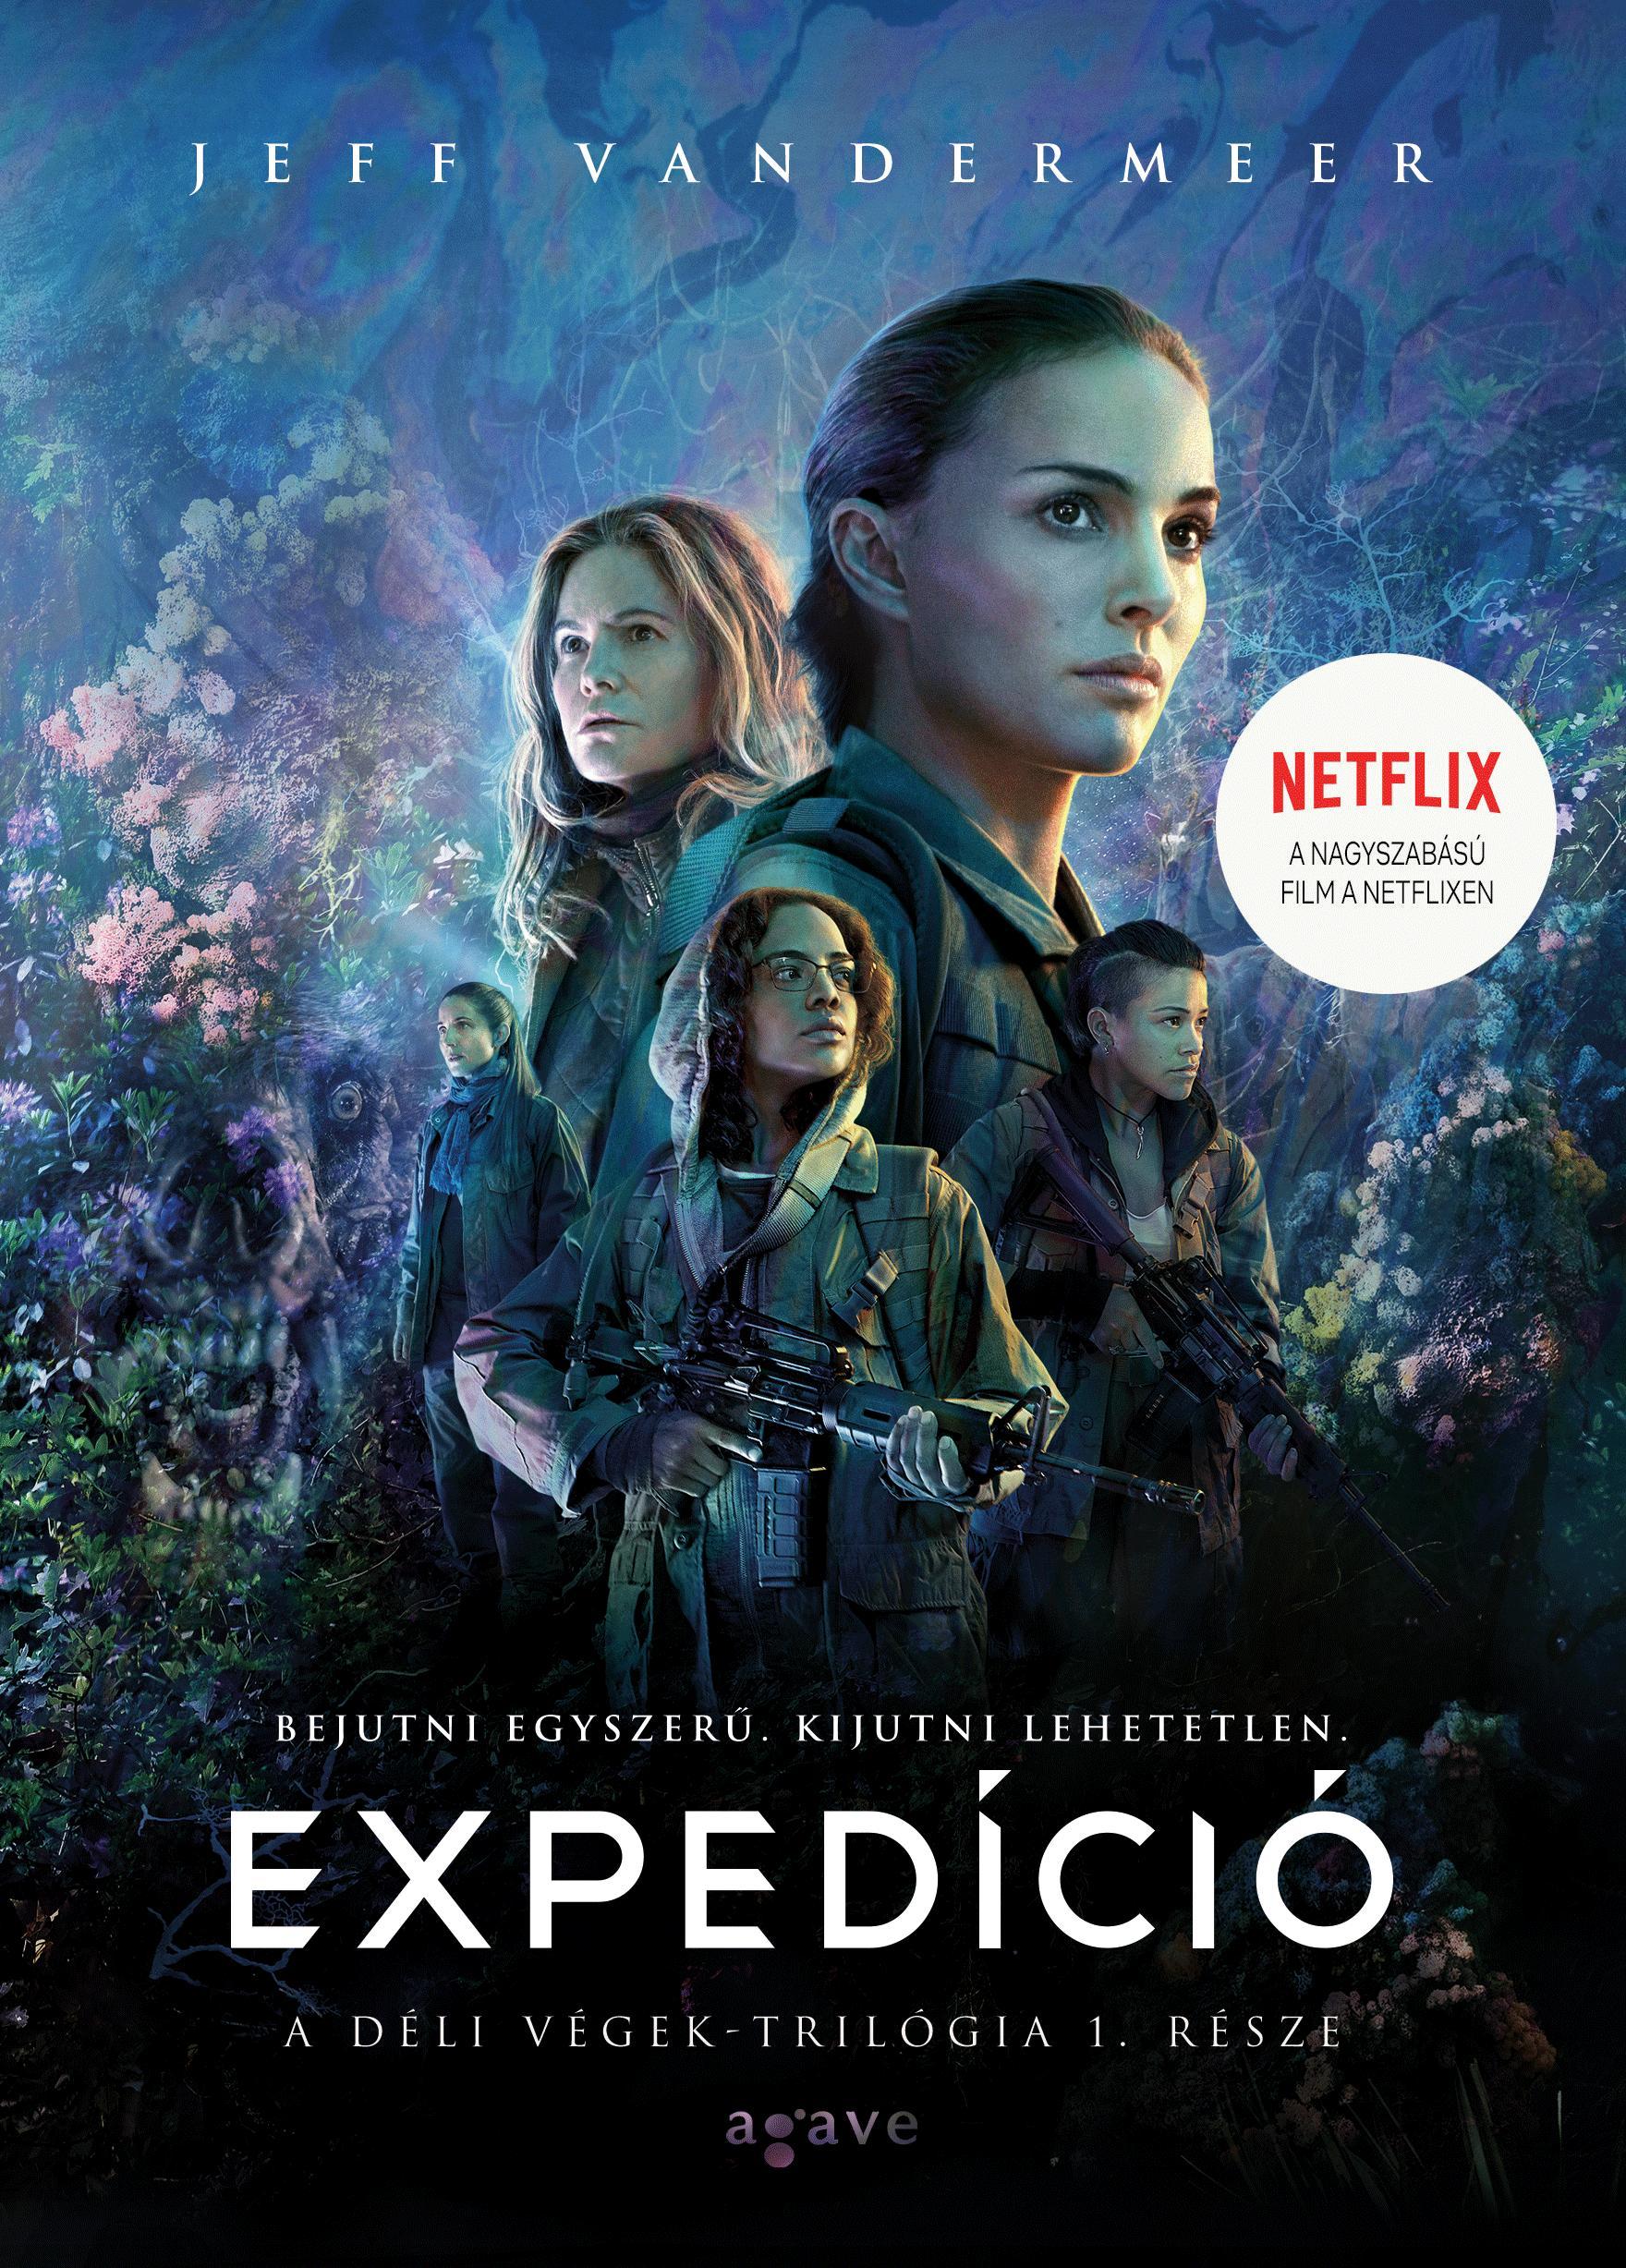 EXPEDÍCIÓ - DÉLI VÉGEK-TRILÓGIA 1. (FILMES)